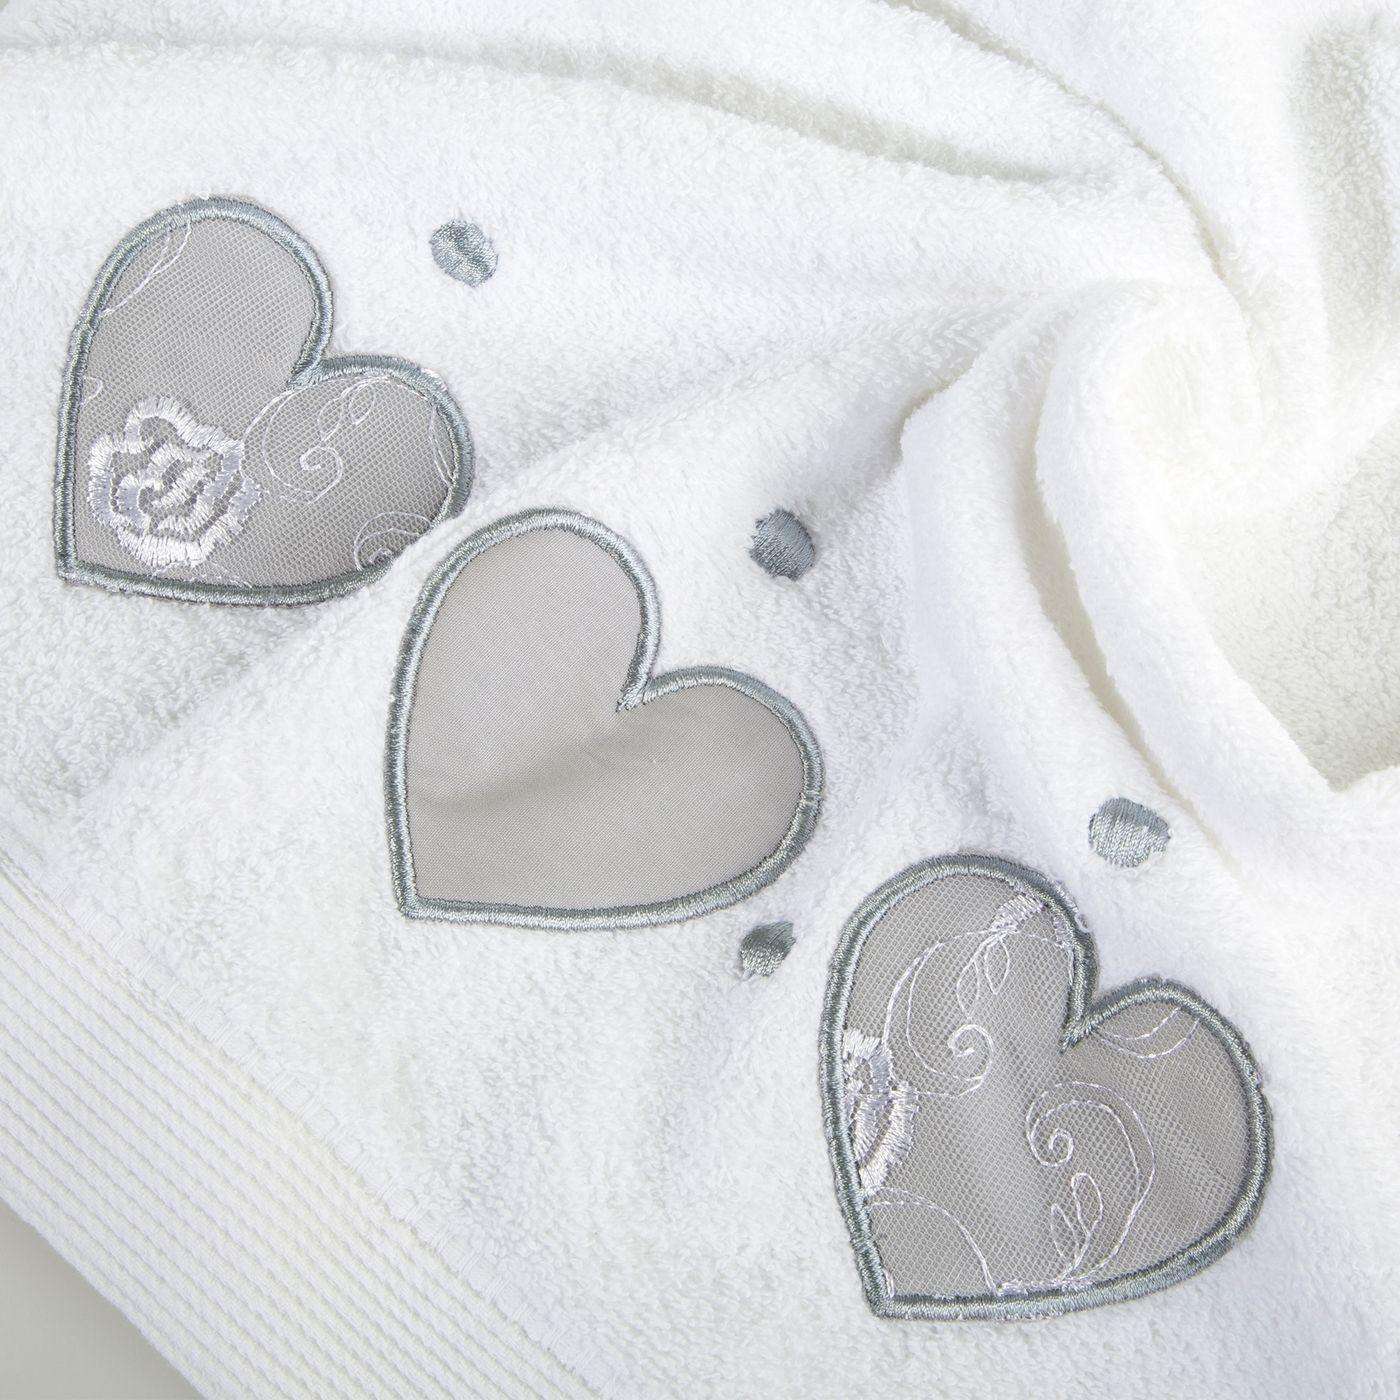 Miękki chłonny ręcznik kąpielowy biały z serduszkami 50x90